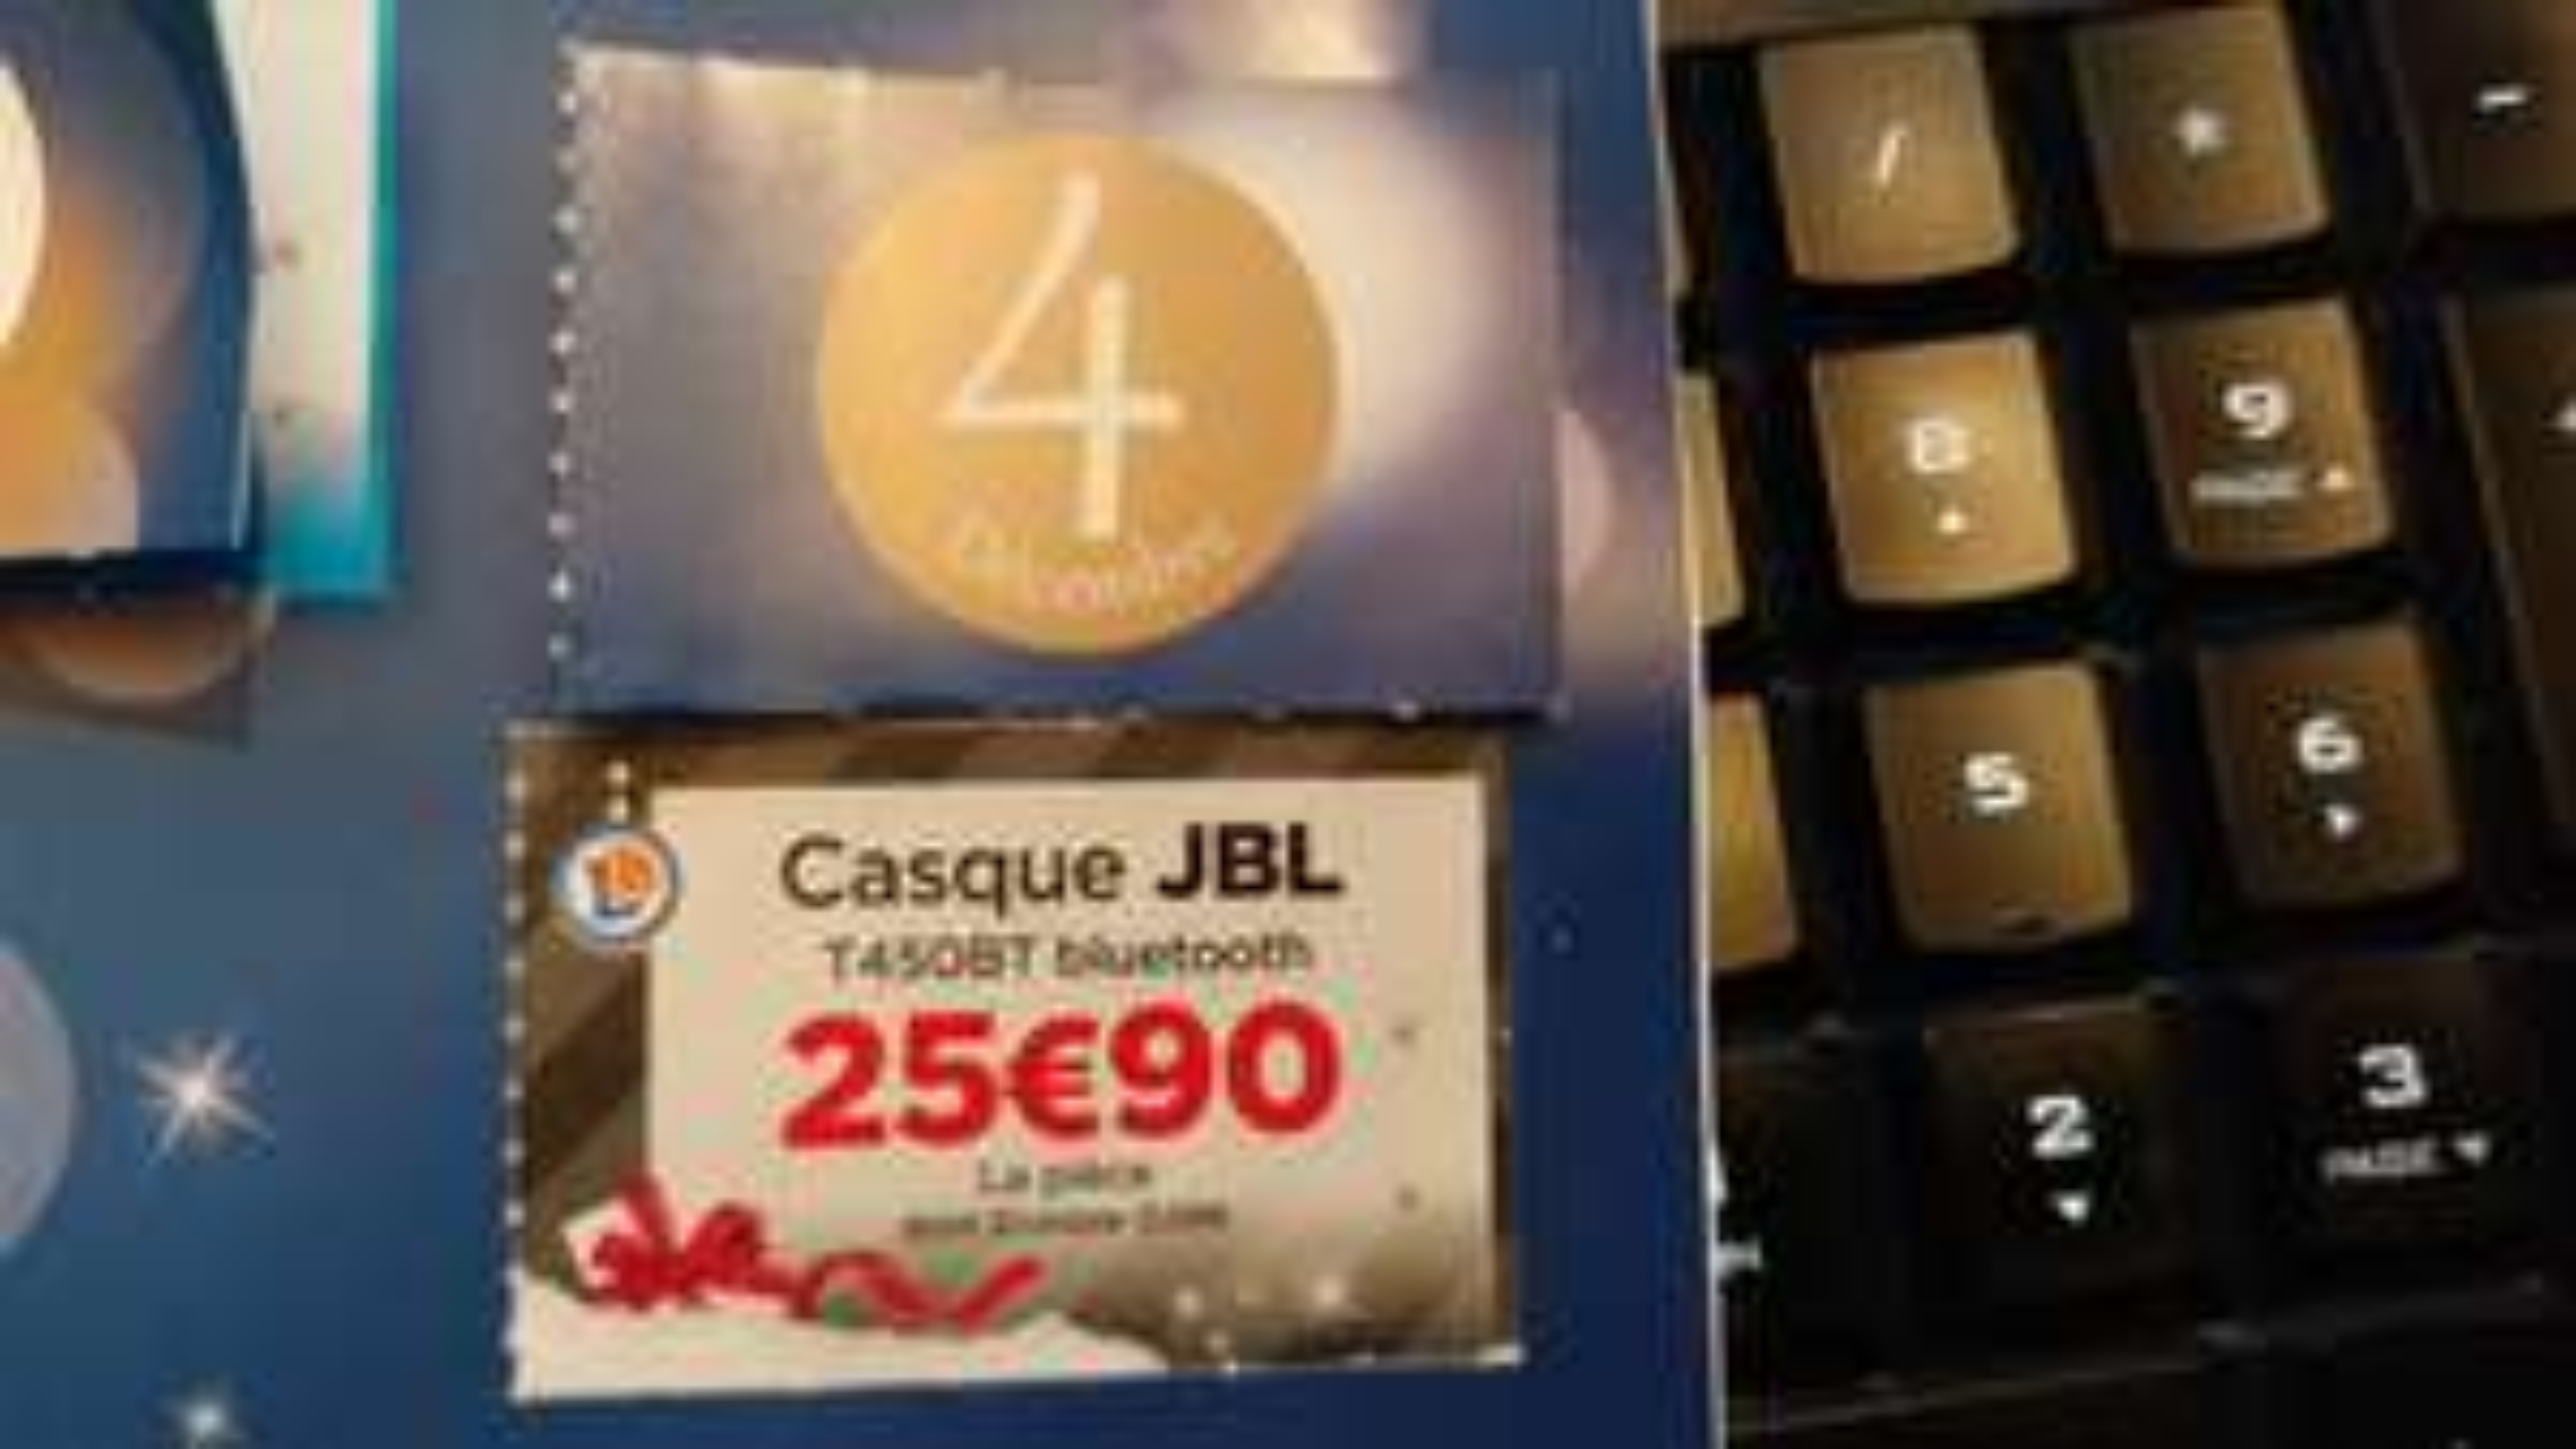 Casque JBL T450BT - Levallois, Clichy et Colombes (92)